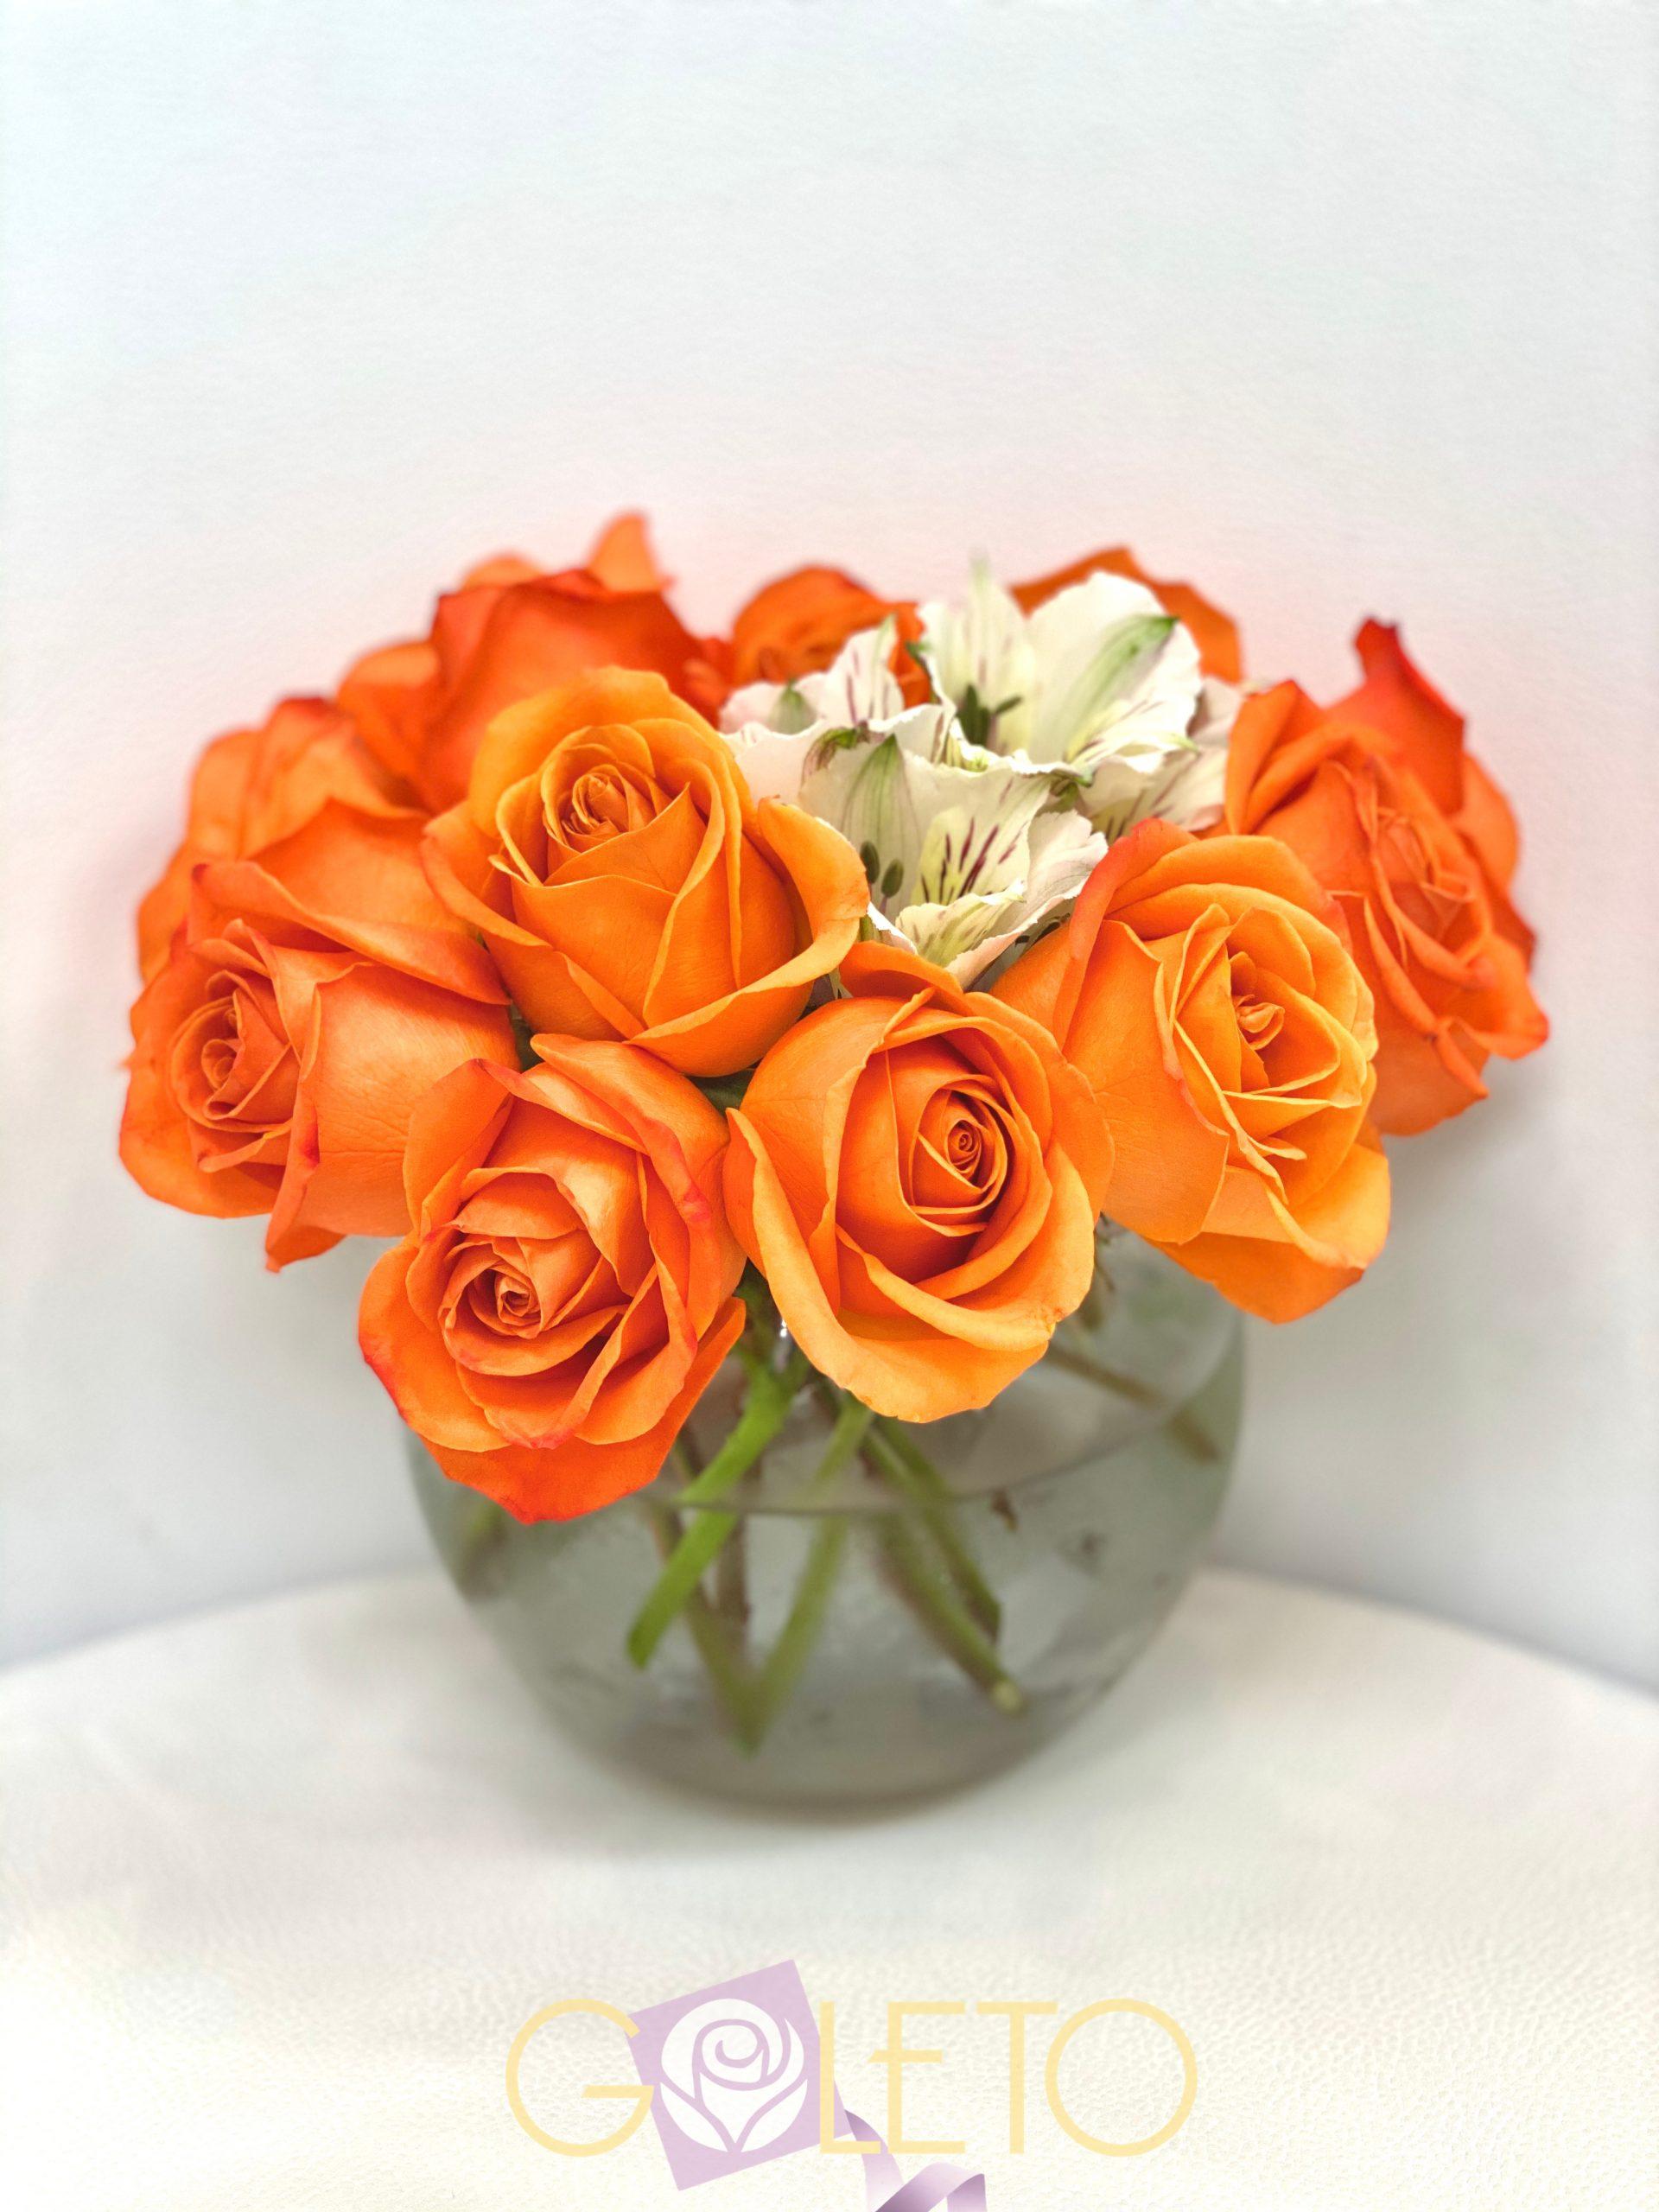 Goleto Birthday Flowers design 30